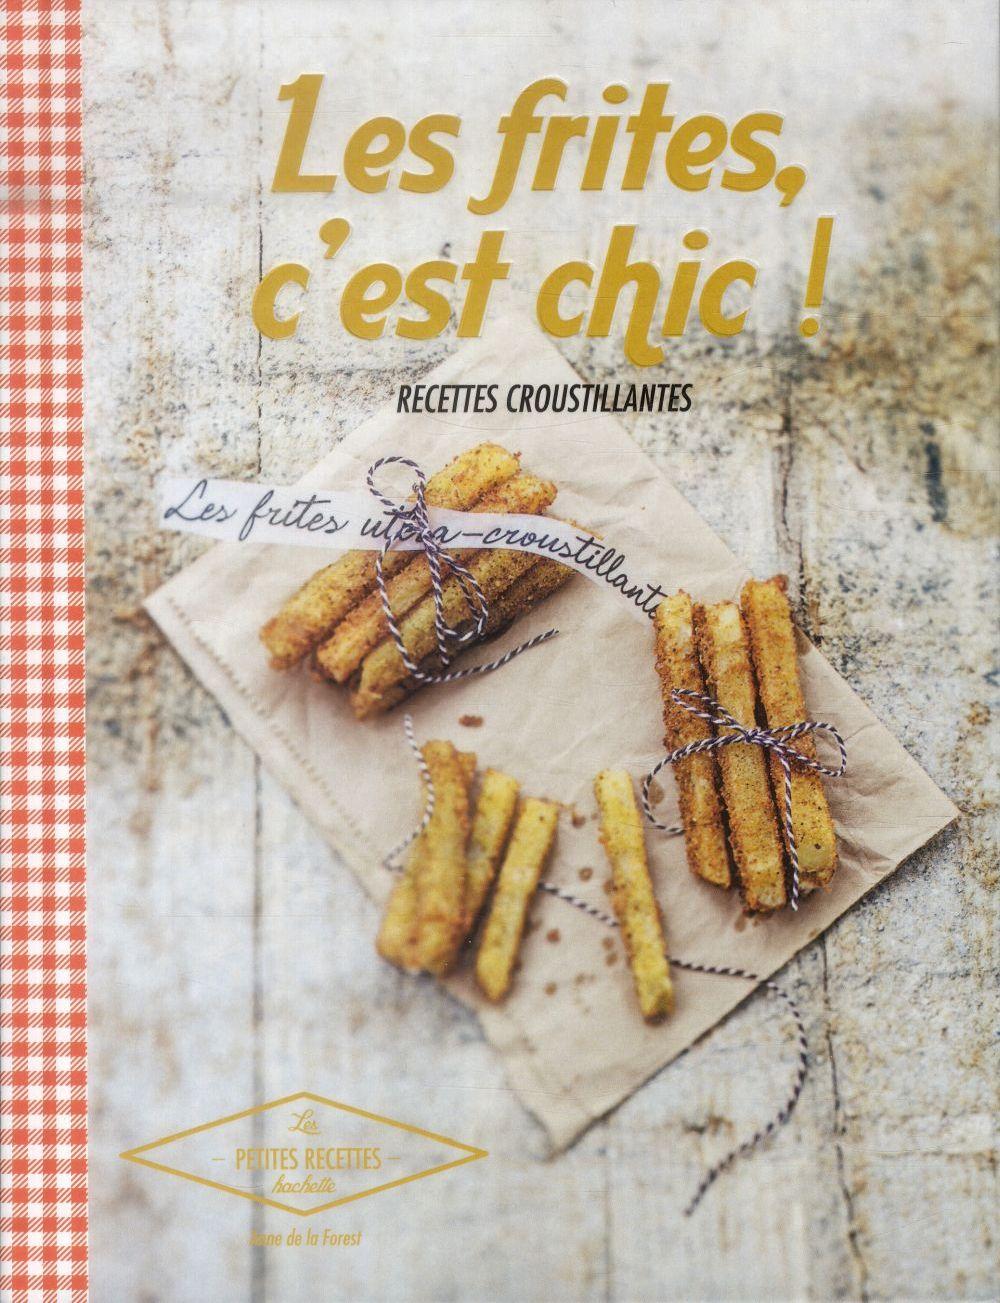 Les frites, c'est chic ! recettes croustillantes